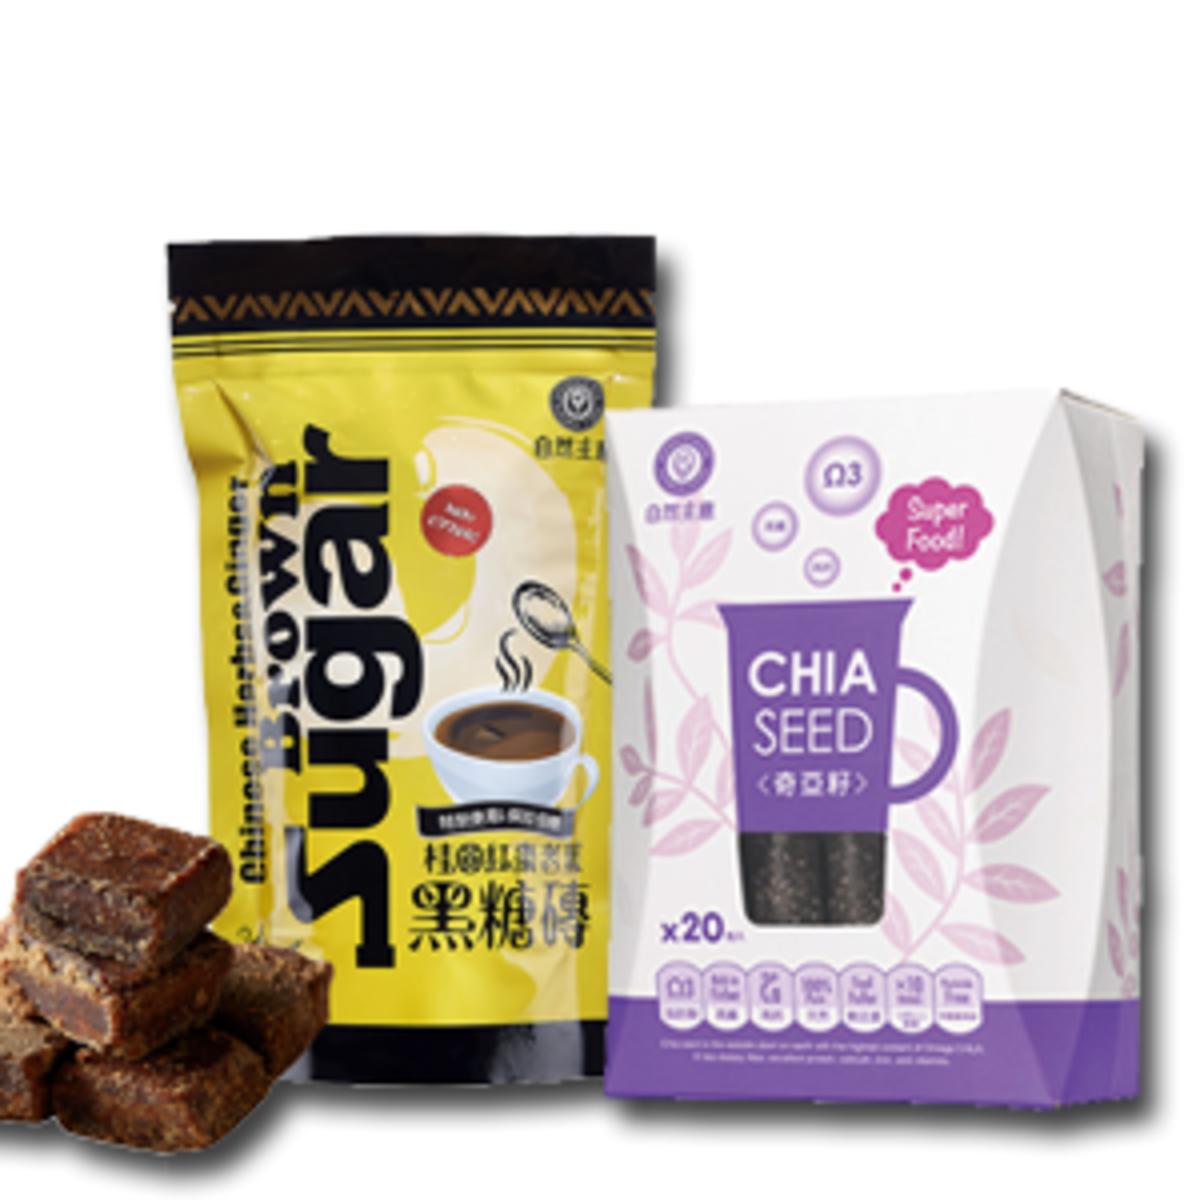 Chia Seed & Ginger Brown Sugar package